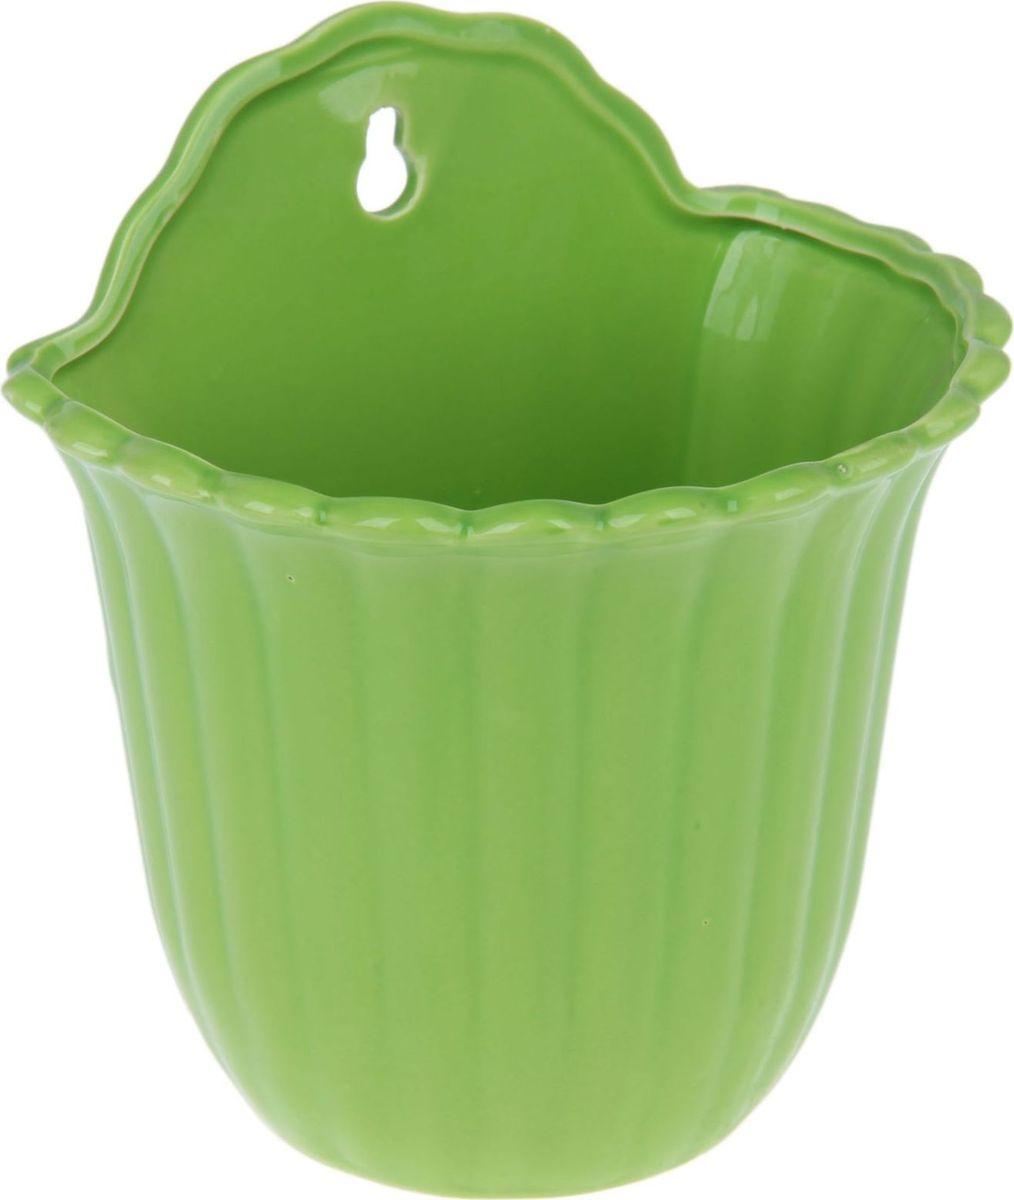 Кашпо Константа, цвет: зеленый, 16 х 12 х 19 см1258938Большинство людей любит комнатные растения: они радуют глаз, насыщают помещение кислородом и украшают пространство. Но каждому растению необходимо своё удобное и красивое место. Настенные кашпо — это ещё и оригинальный способ украшения помещений. Особенно выигрышно они смотрятся в экстерьере: на террасах и в беседках. Кашпо настенное Константа зелёное, изогнутый край позаботится о растении, освежит окружающее пространство и подчеркнёт его стиль.